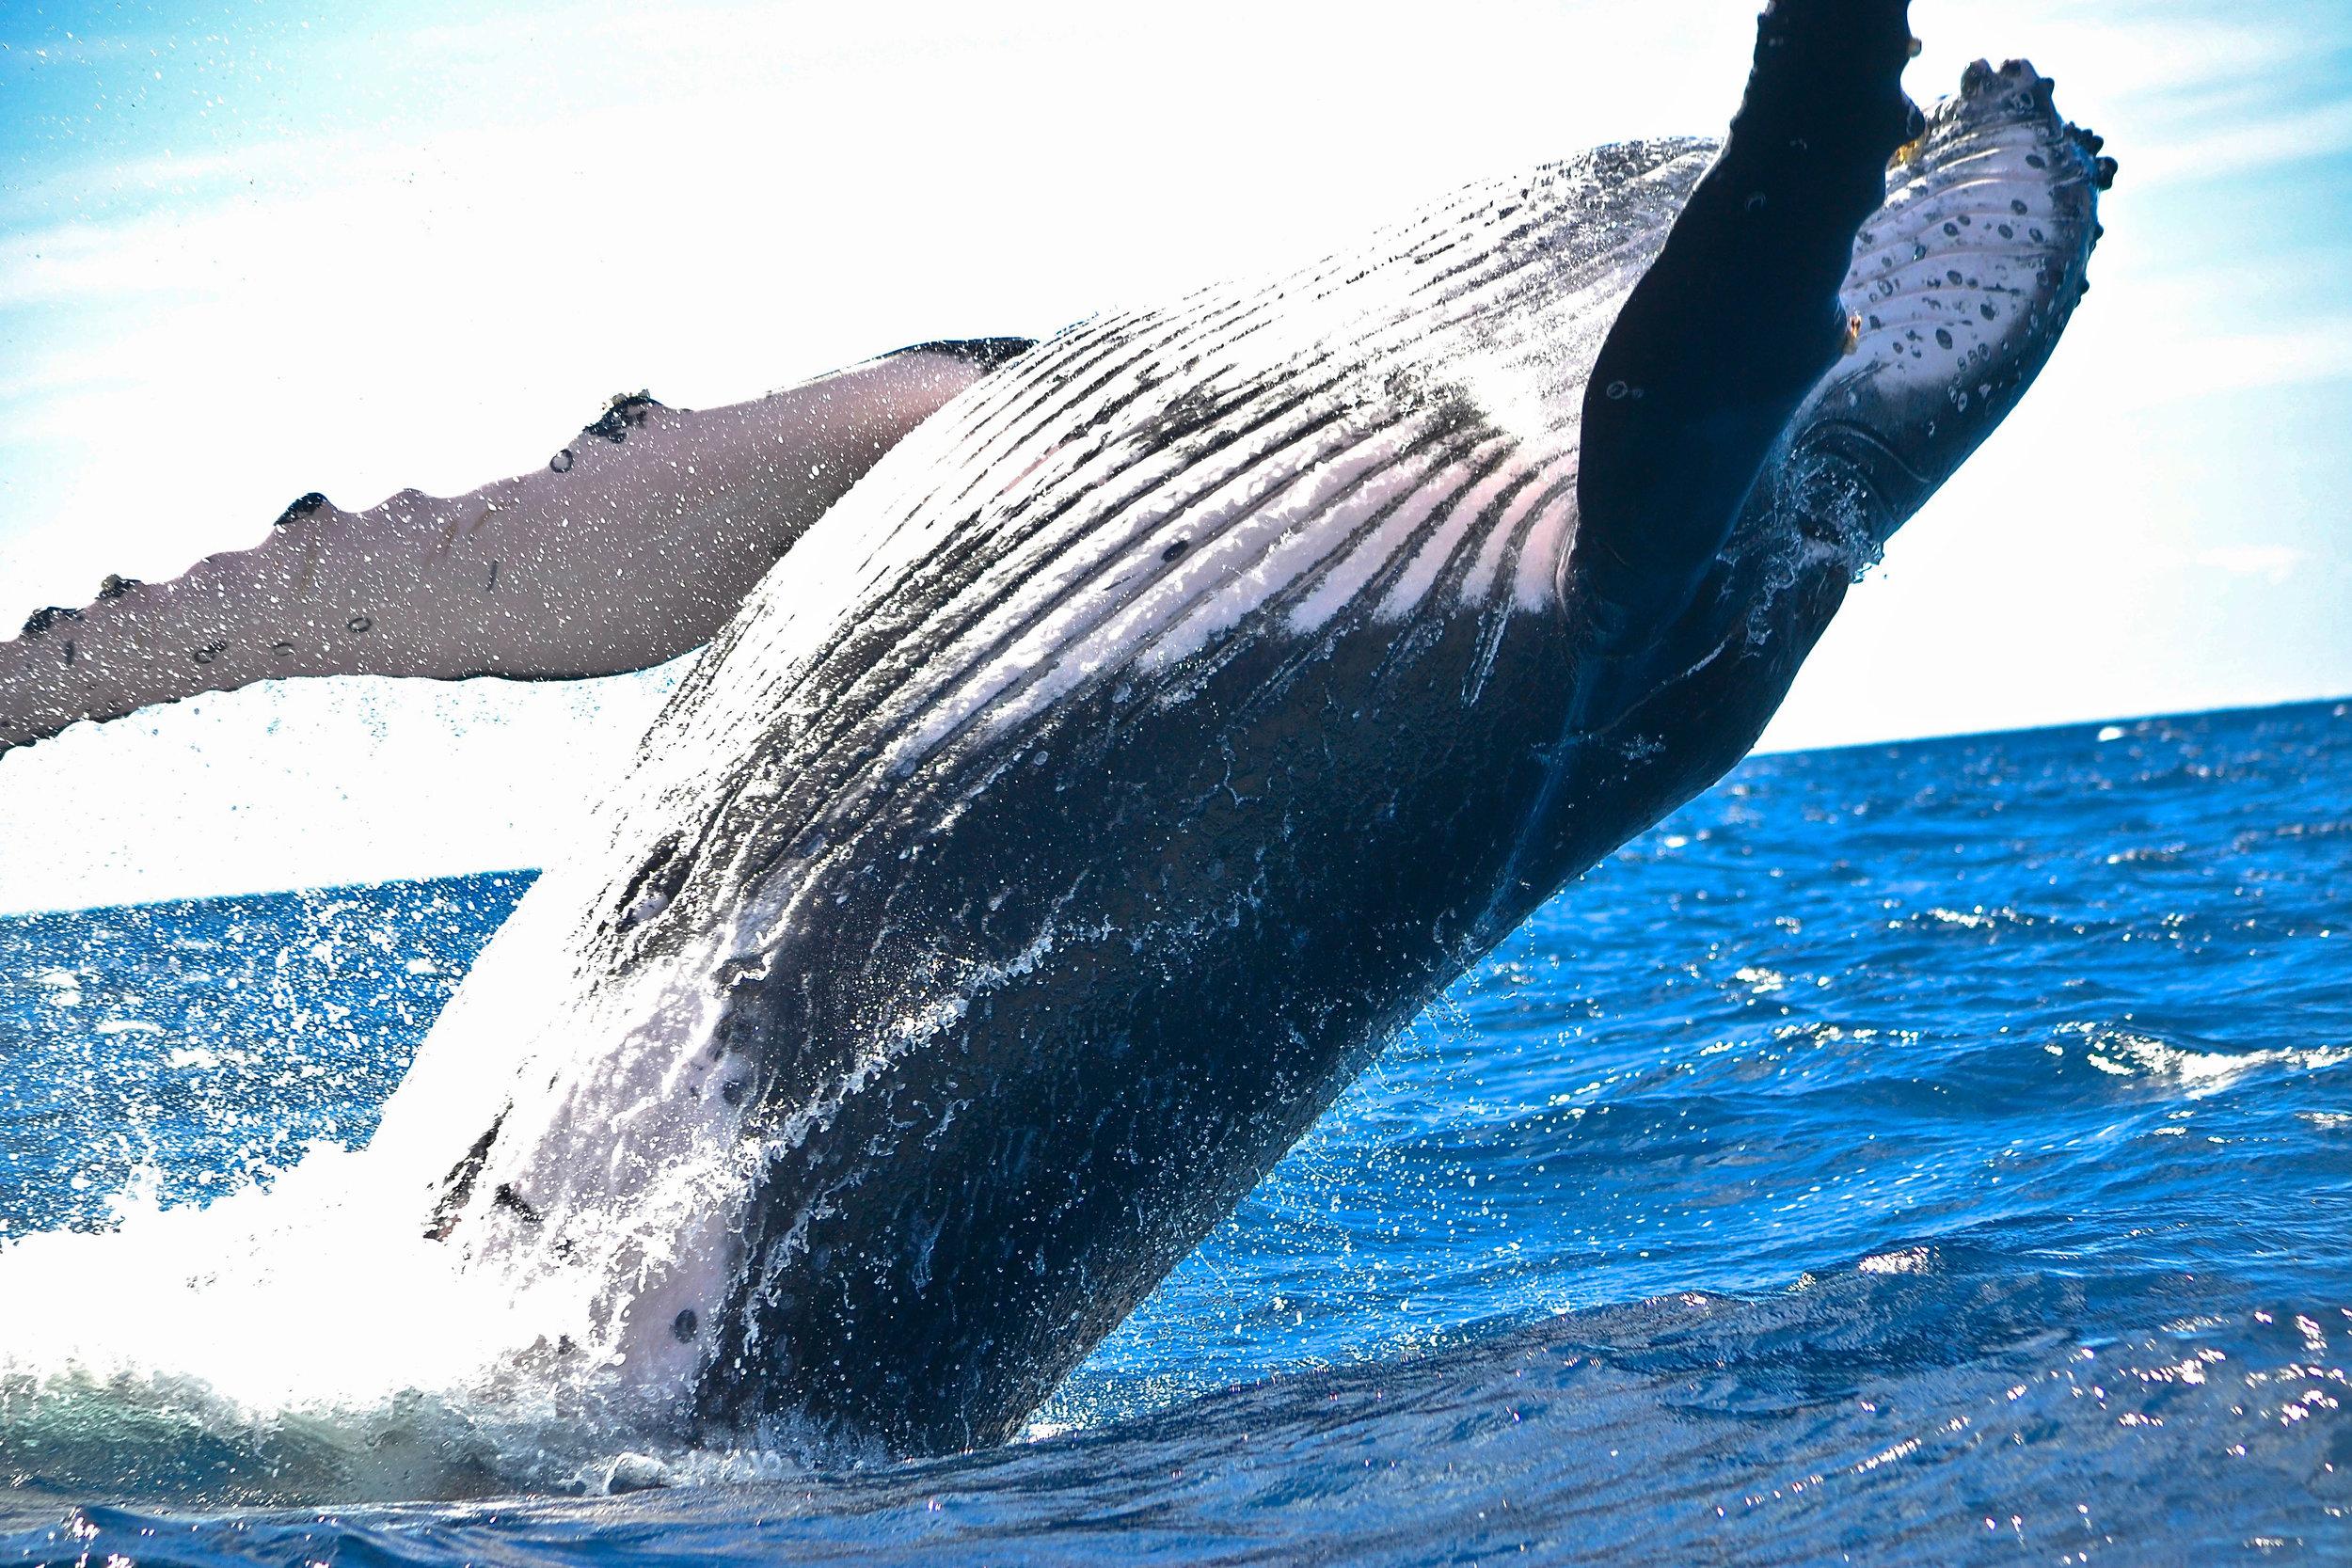 humpback-whale-jumping-Megaptera-novaeangliae.jpg